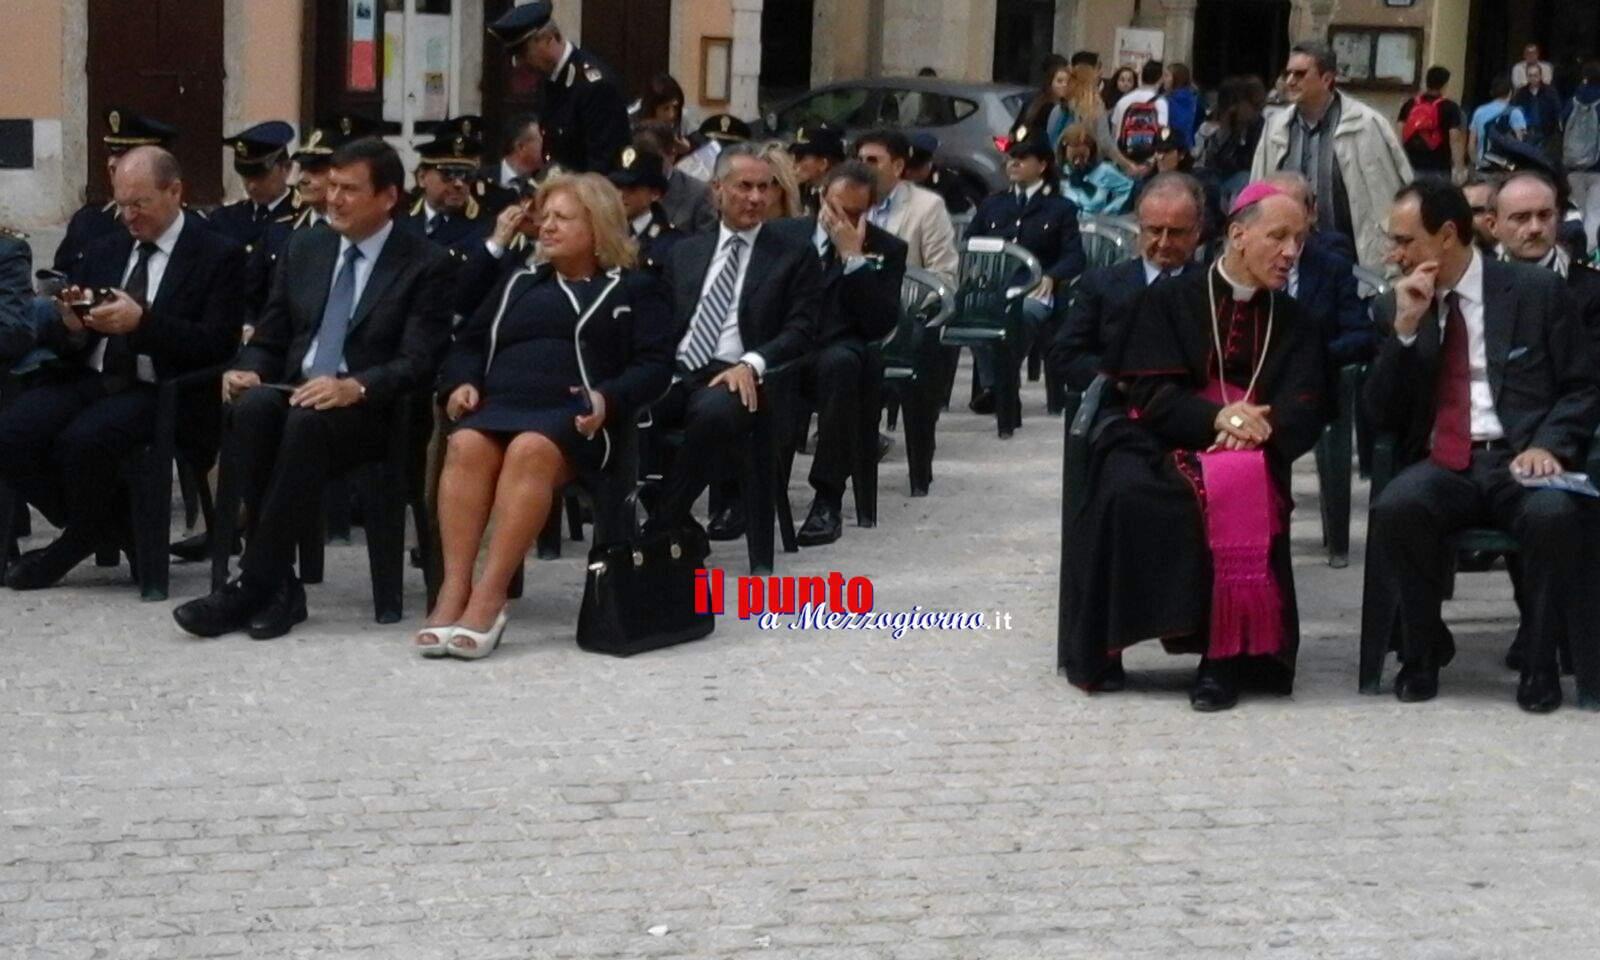 La polizia festeggia ad Arpino il suo patrono San Michele Arcangelo